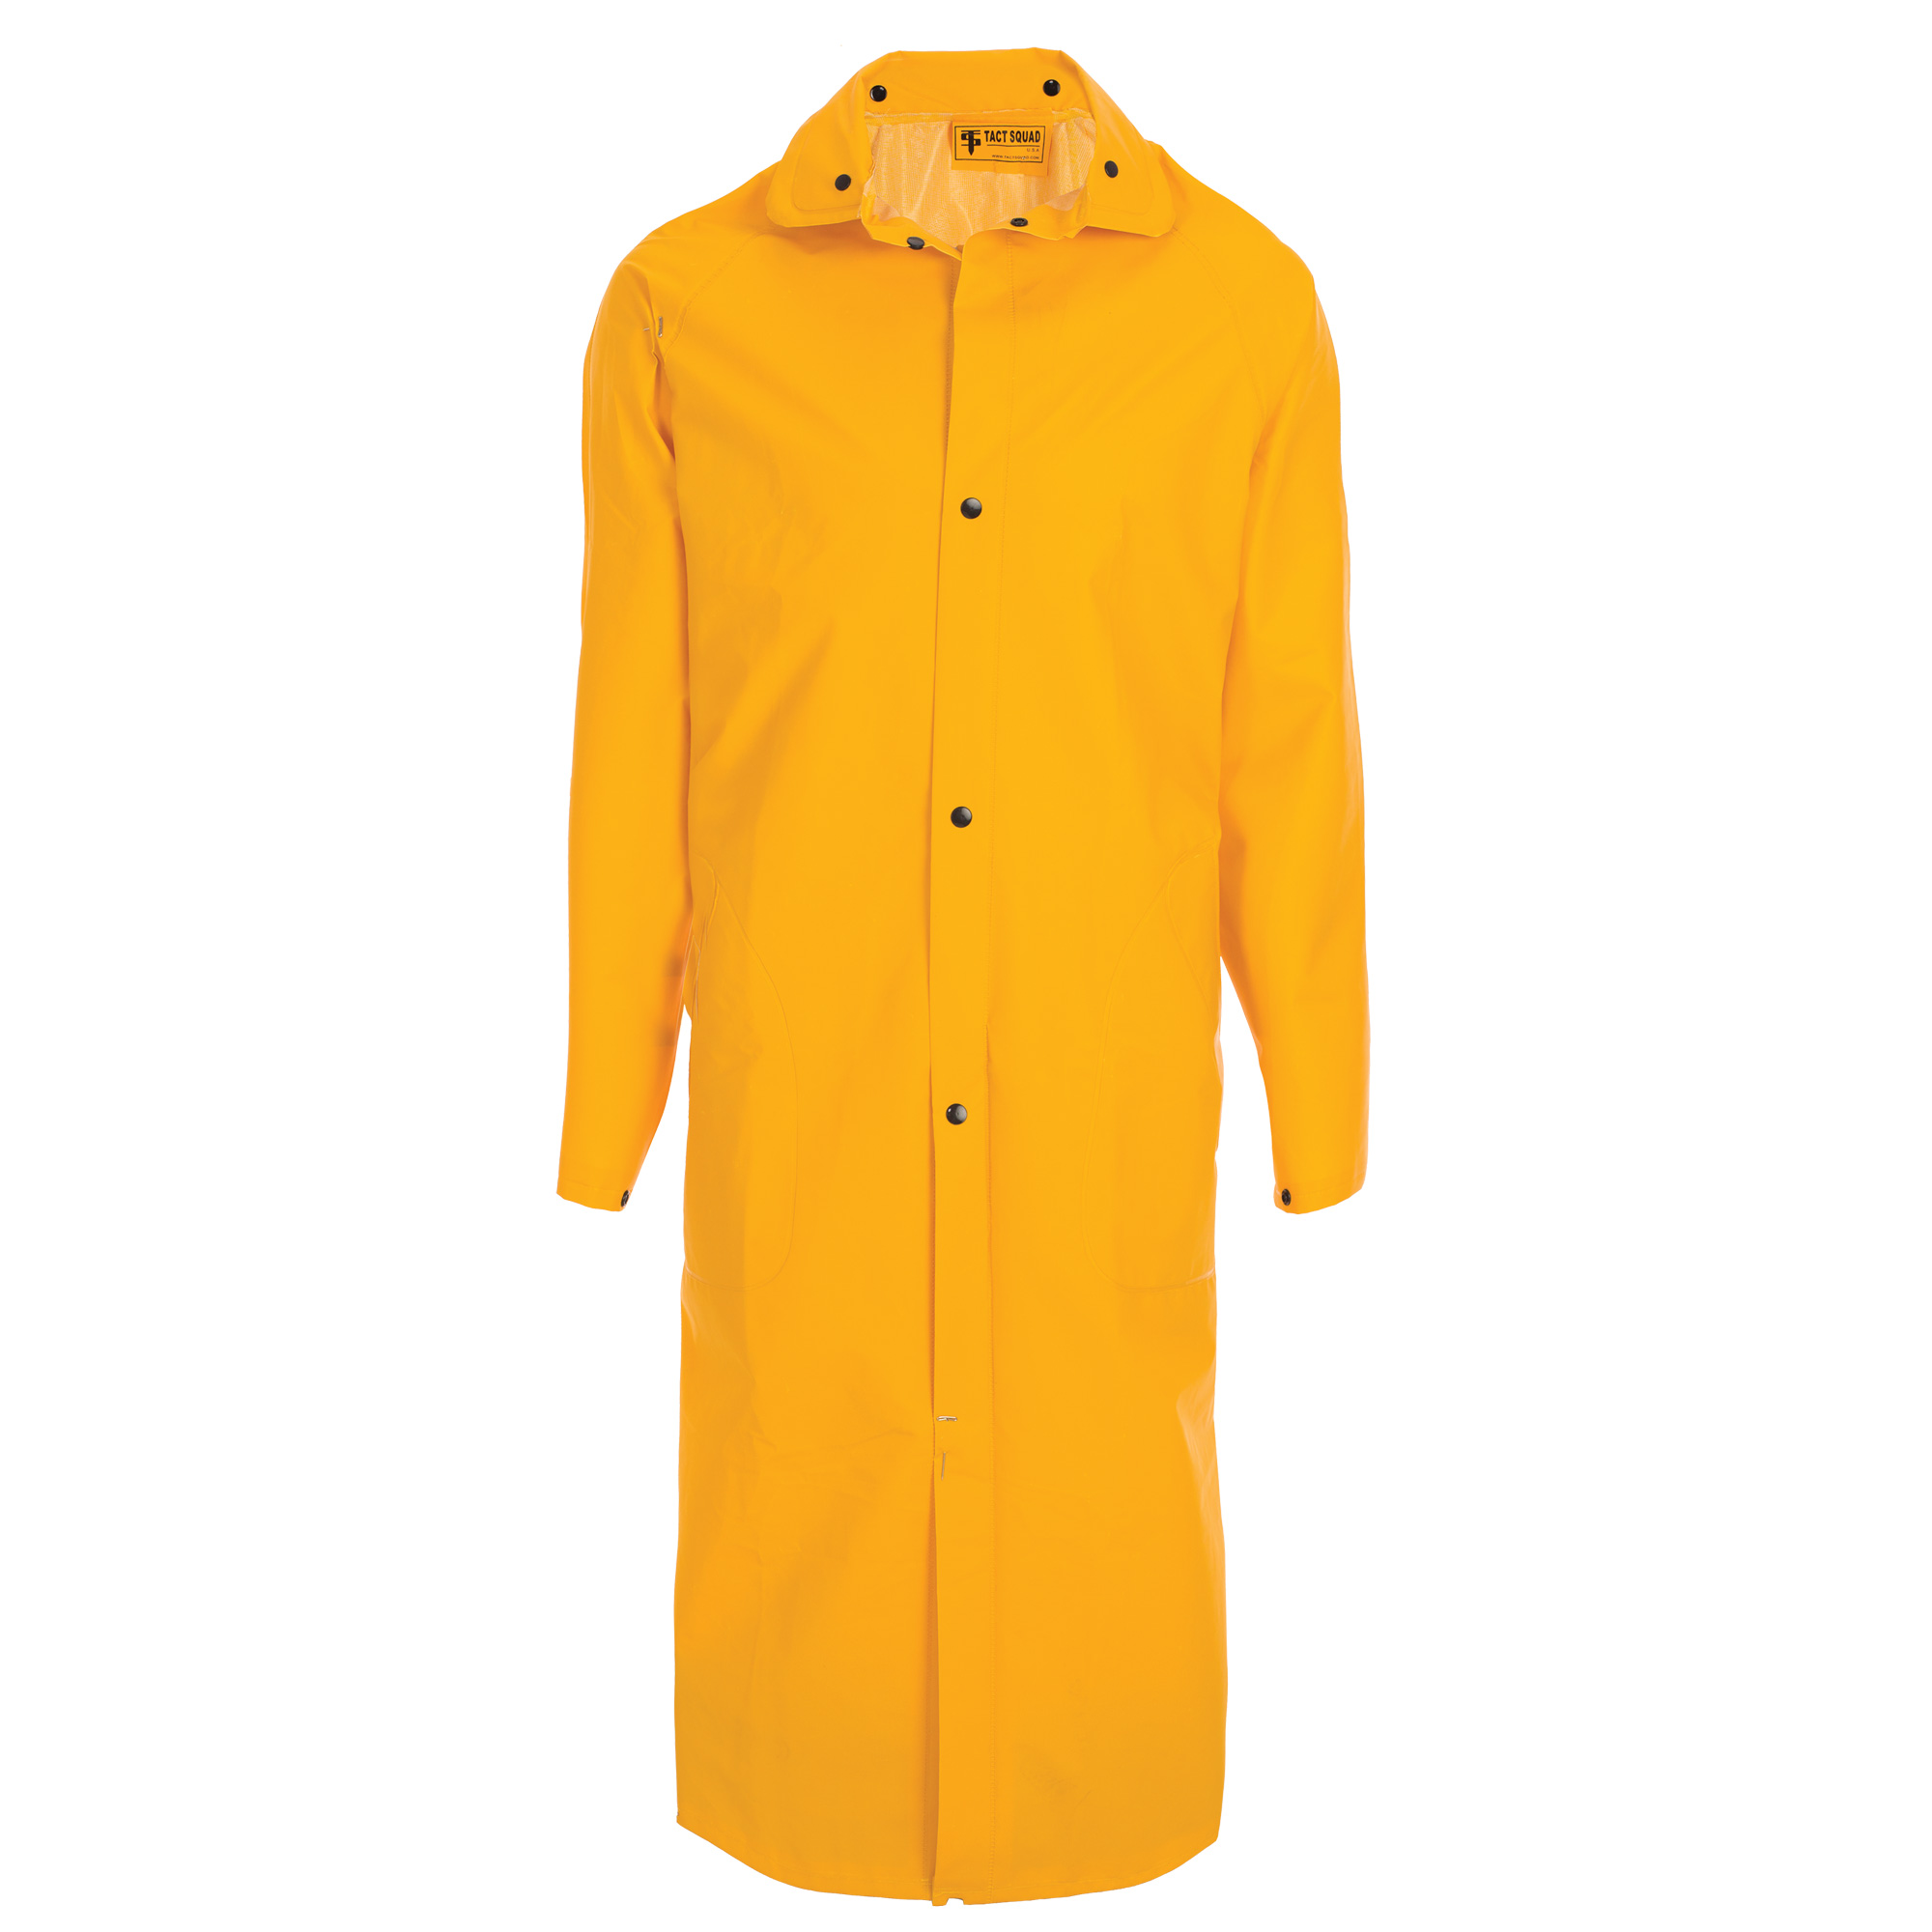 6011 Yellow